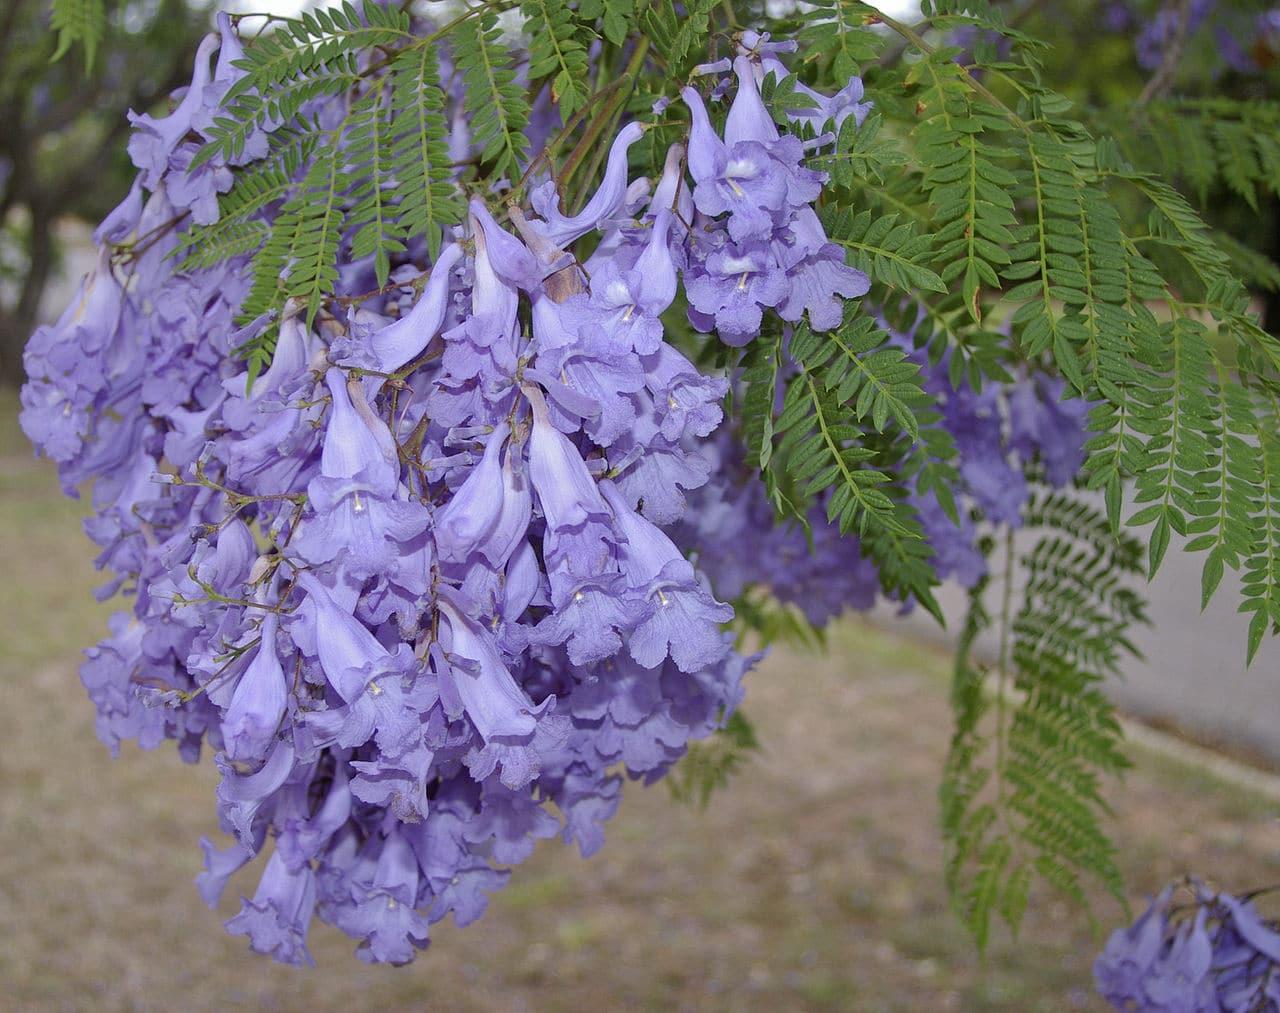 Las flores del jacaranda son violetas